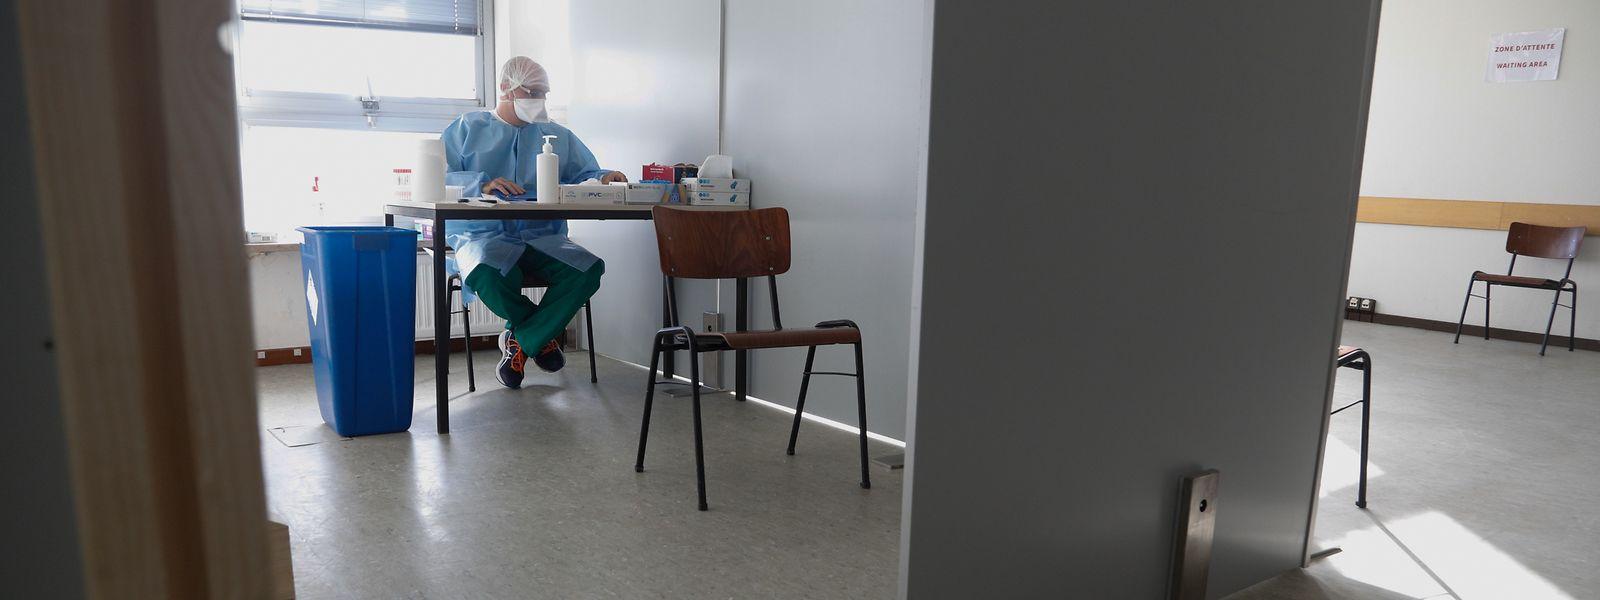 Actuellement, dix patients peuvent être traités chaque heure. Mais en cas de besoin, les capacités pourraient être doublées, assure le coordinateur.